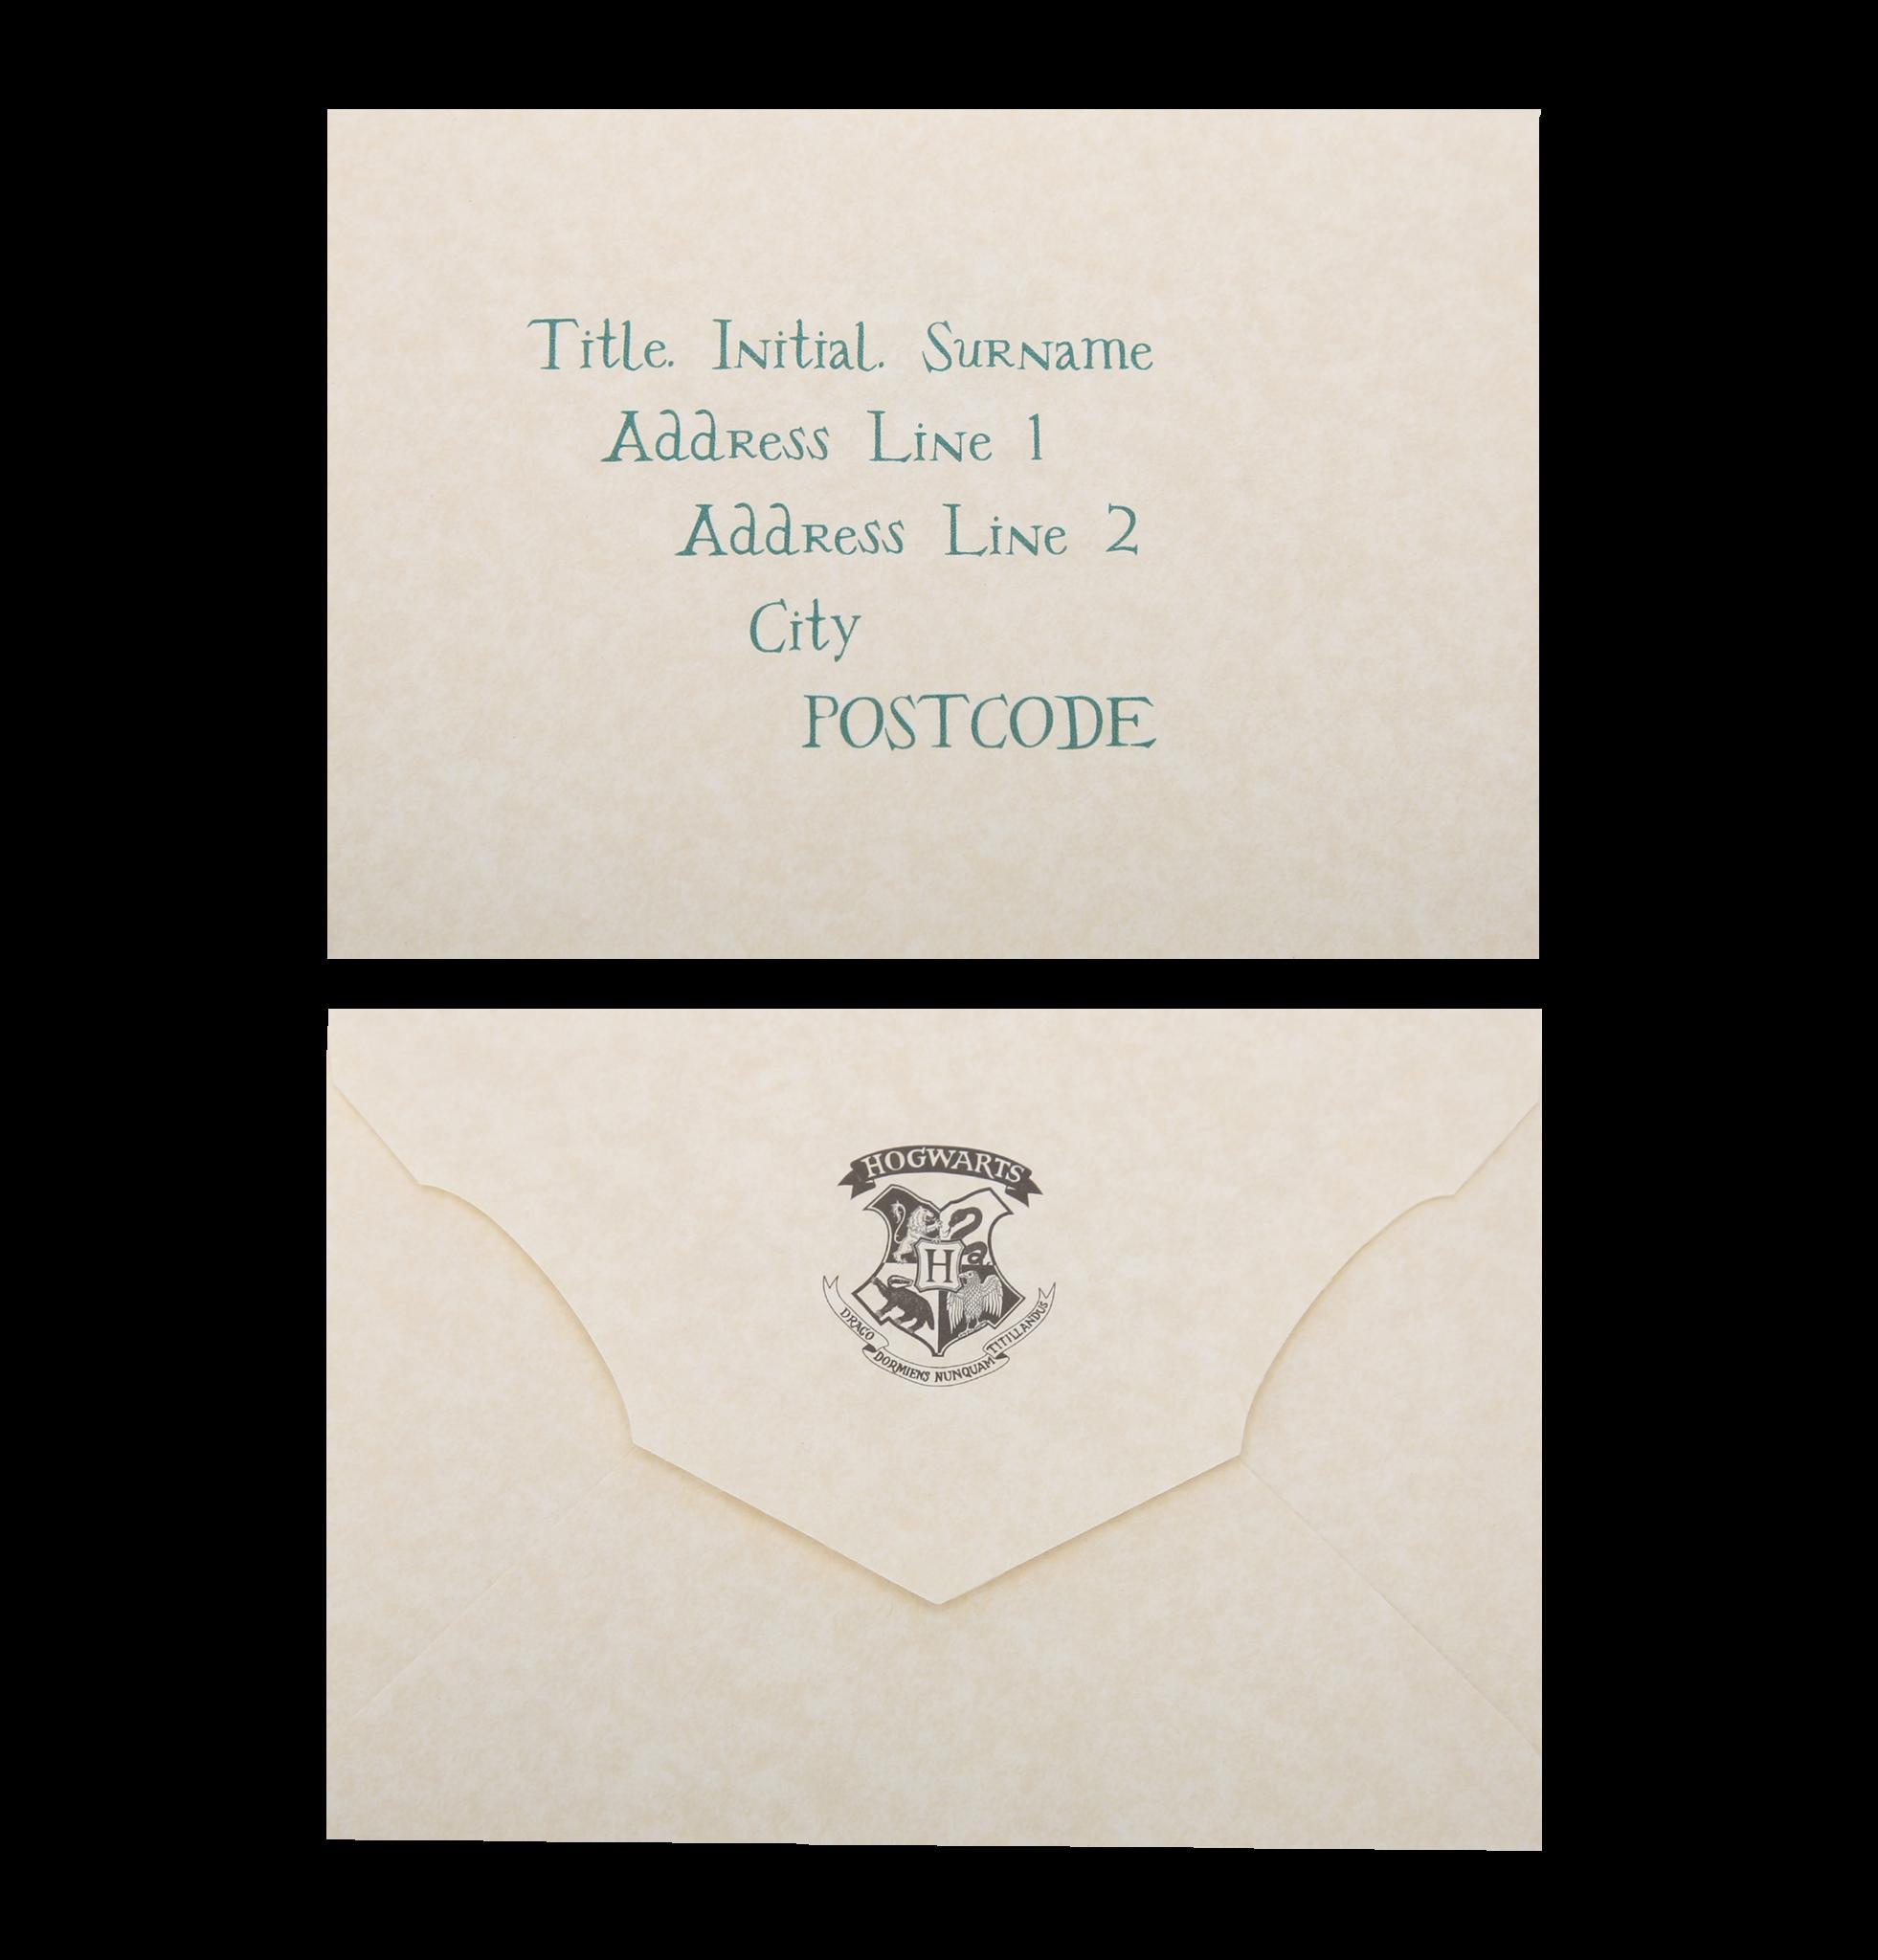 acceptance letter enevelope 1962 2048 potter pinterest hogwarts hogwarts. Black Bedroom Furniture Sets. Home Design Ideas